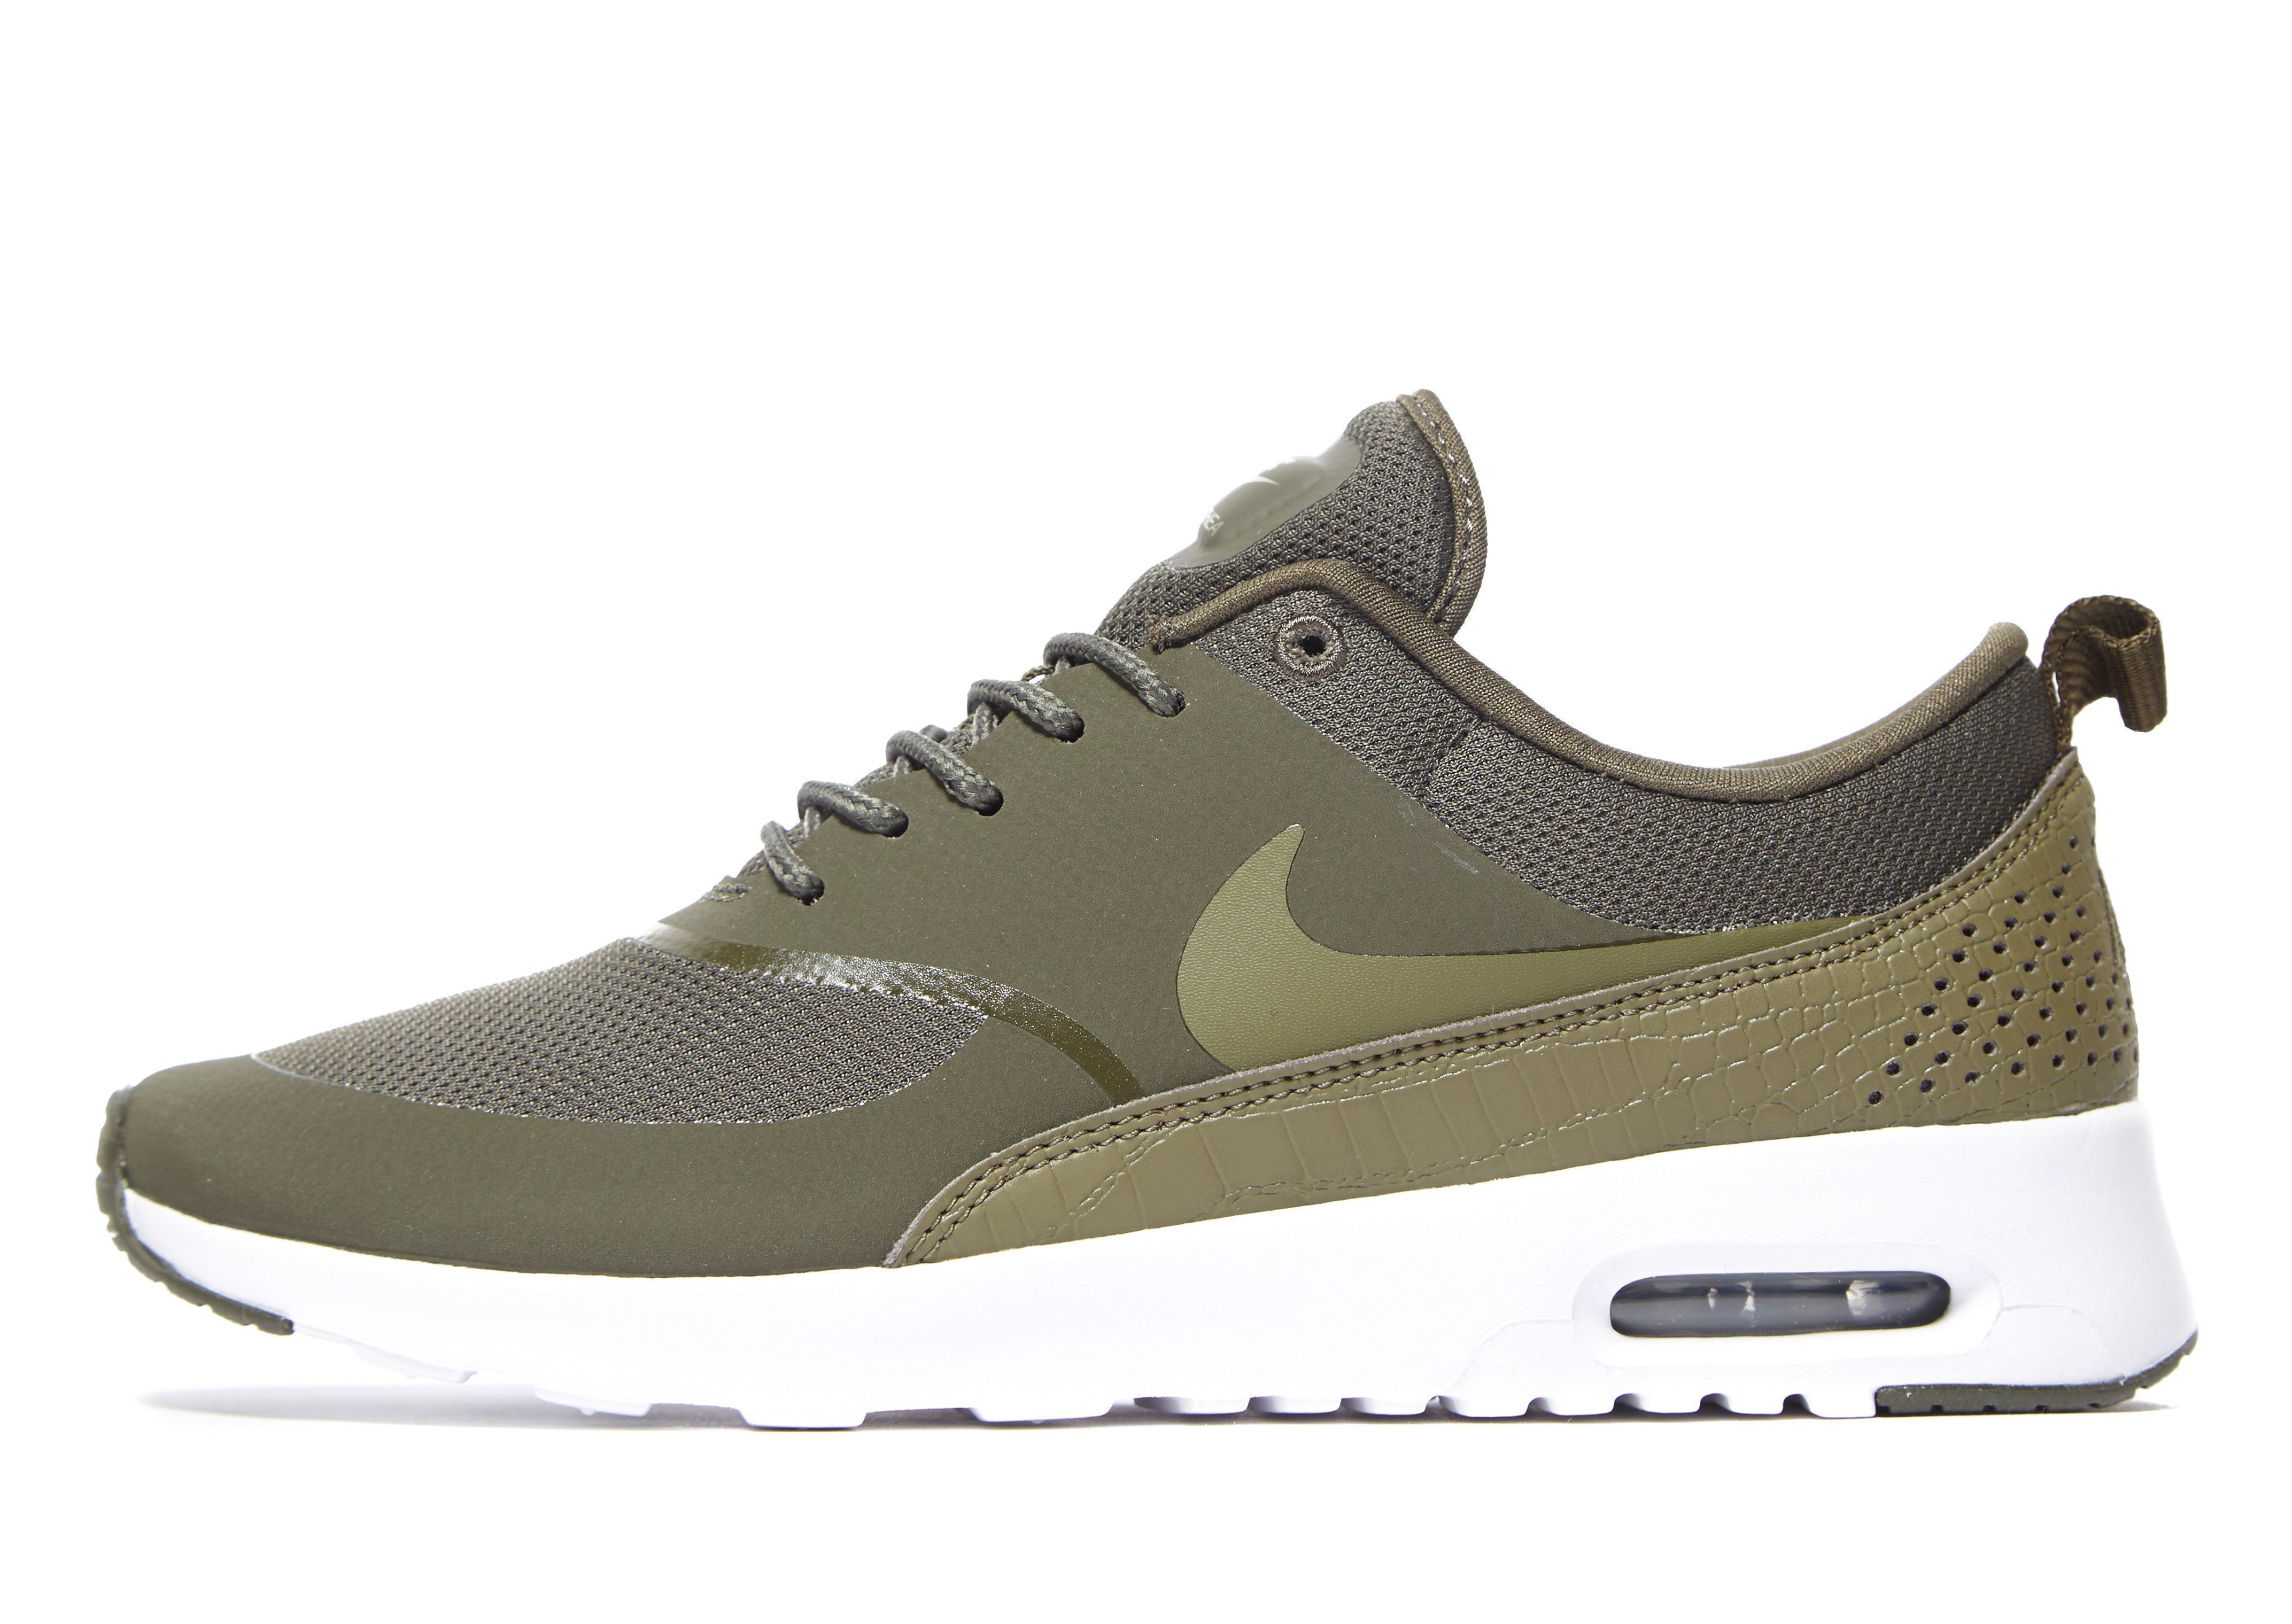 Nike Air Max Thea Women's - Shop online